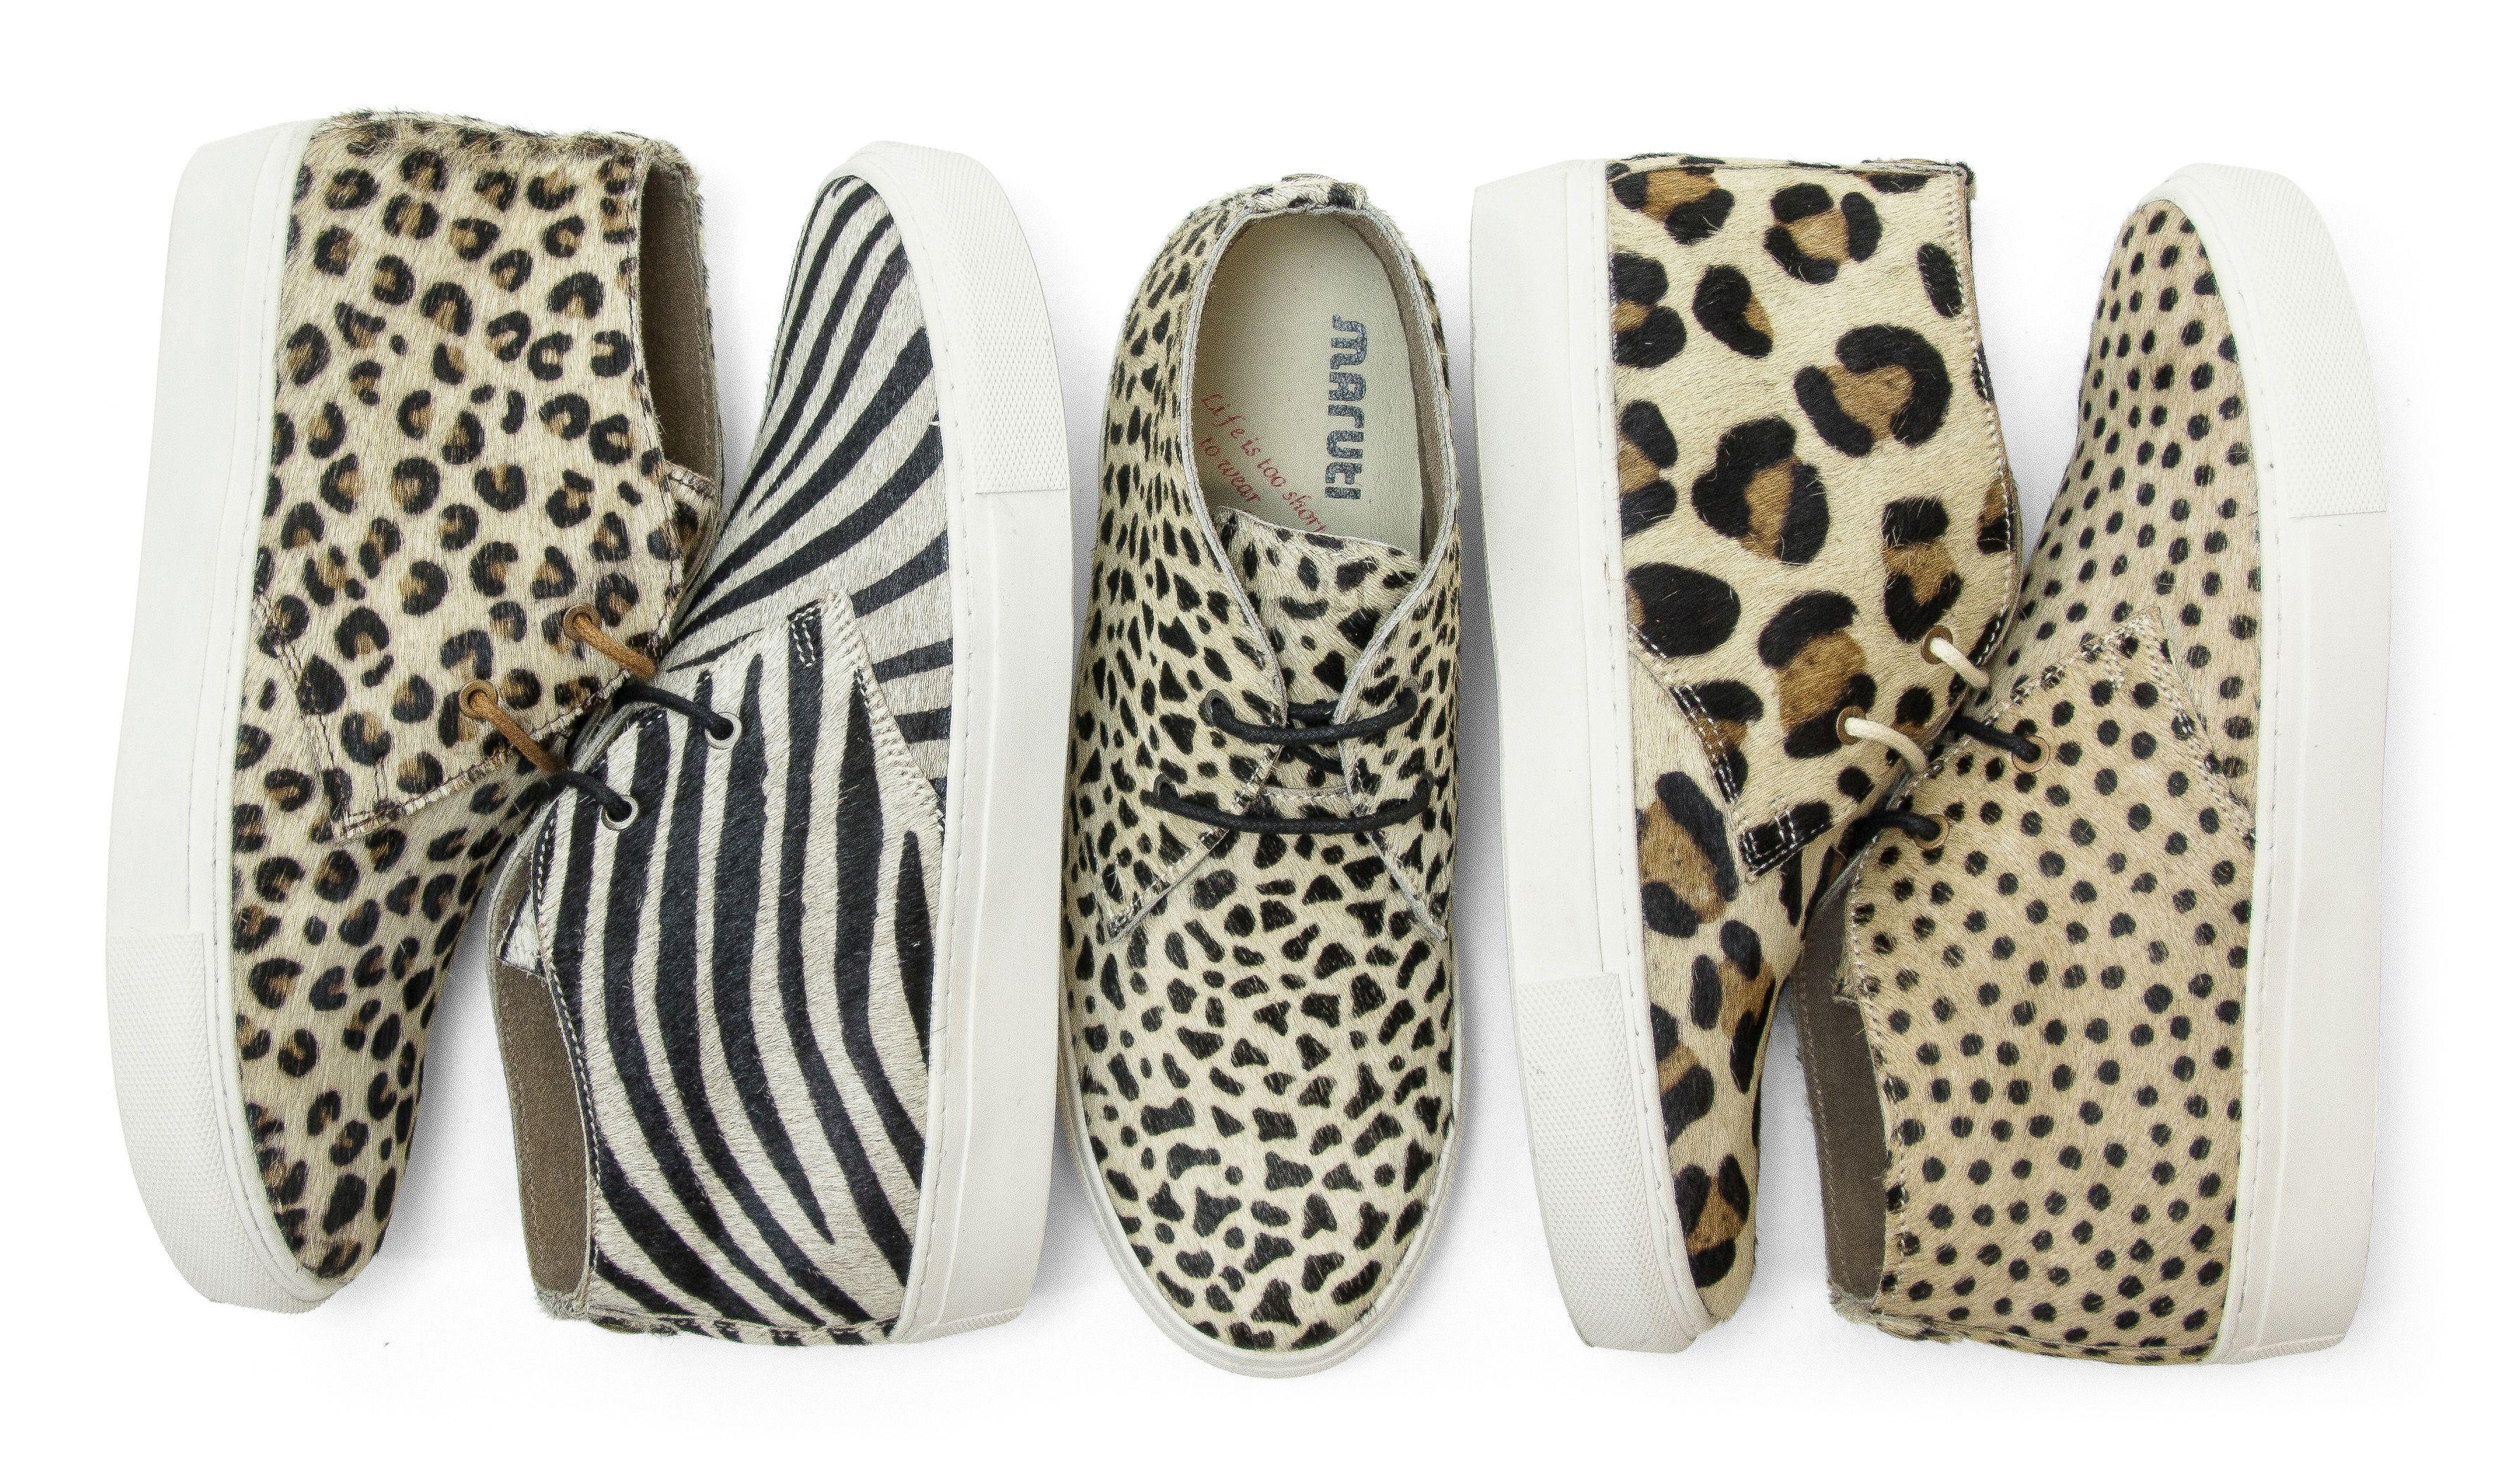 Hebben: comfy schoenen om mee te pronken!